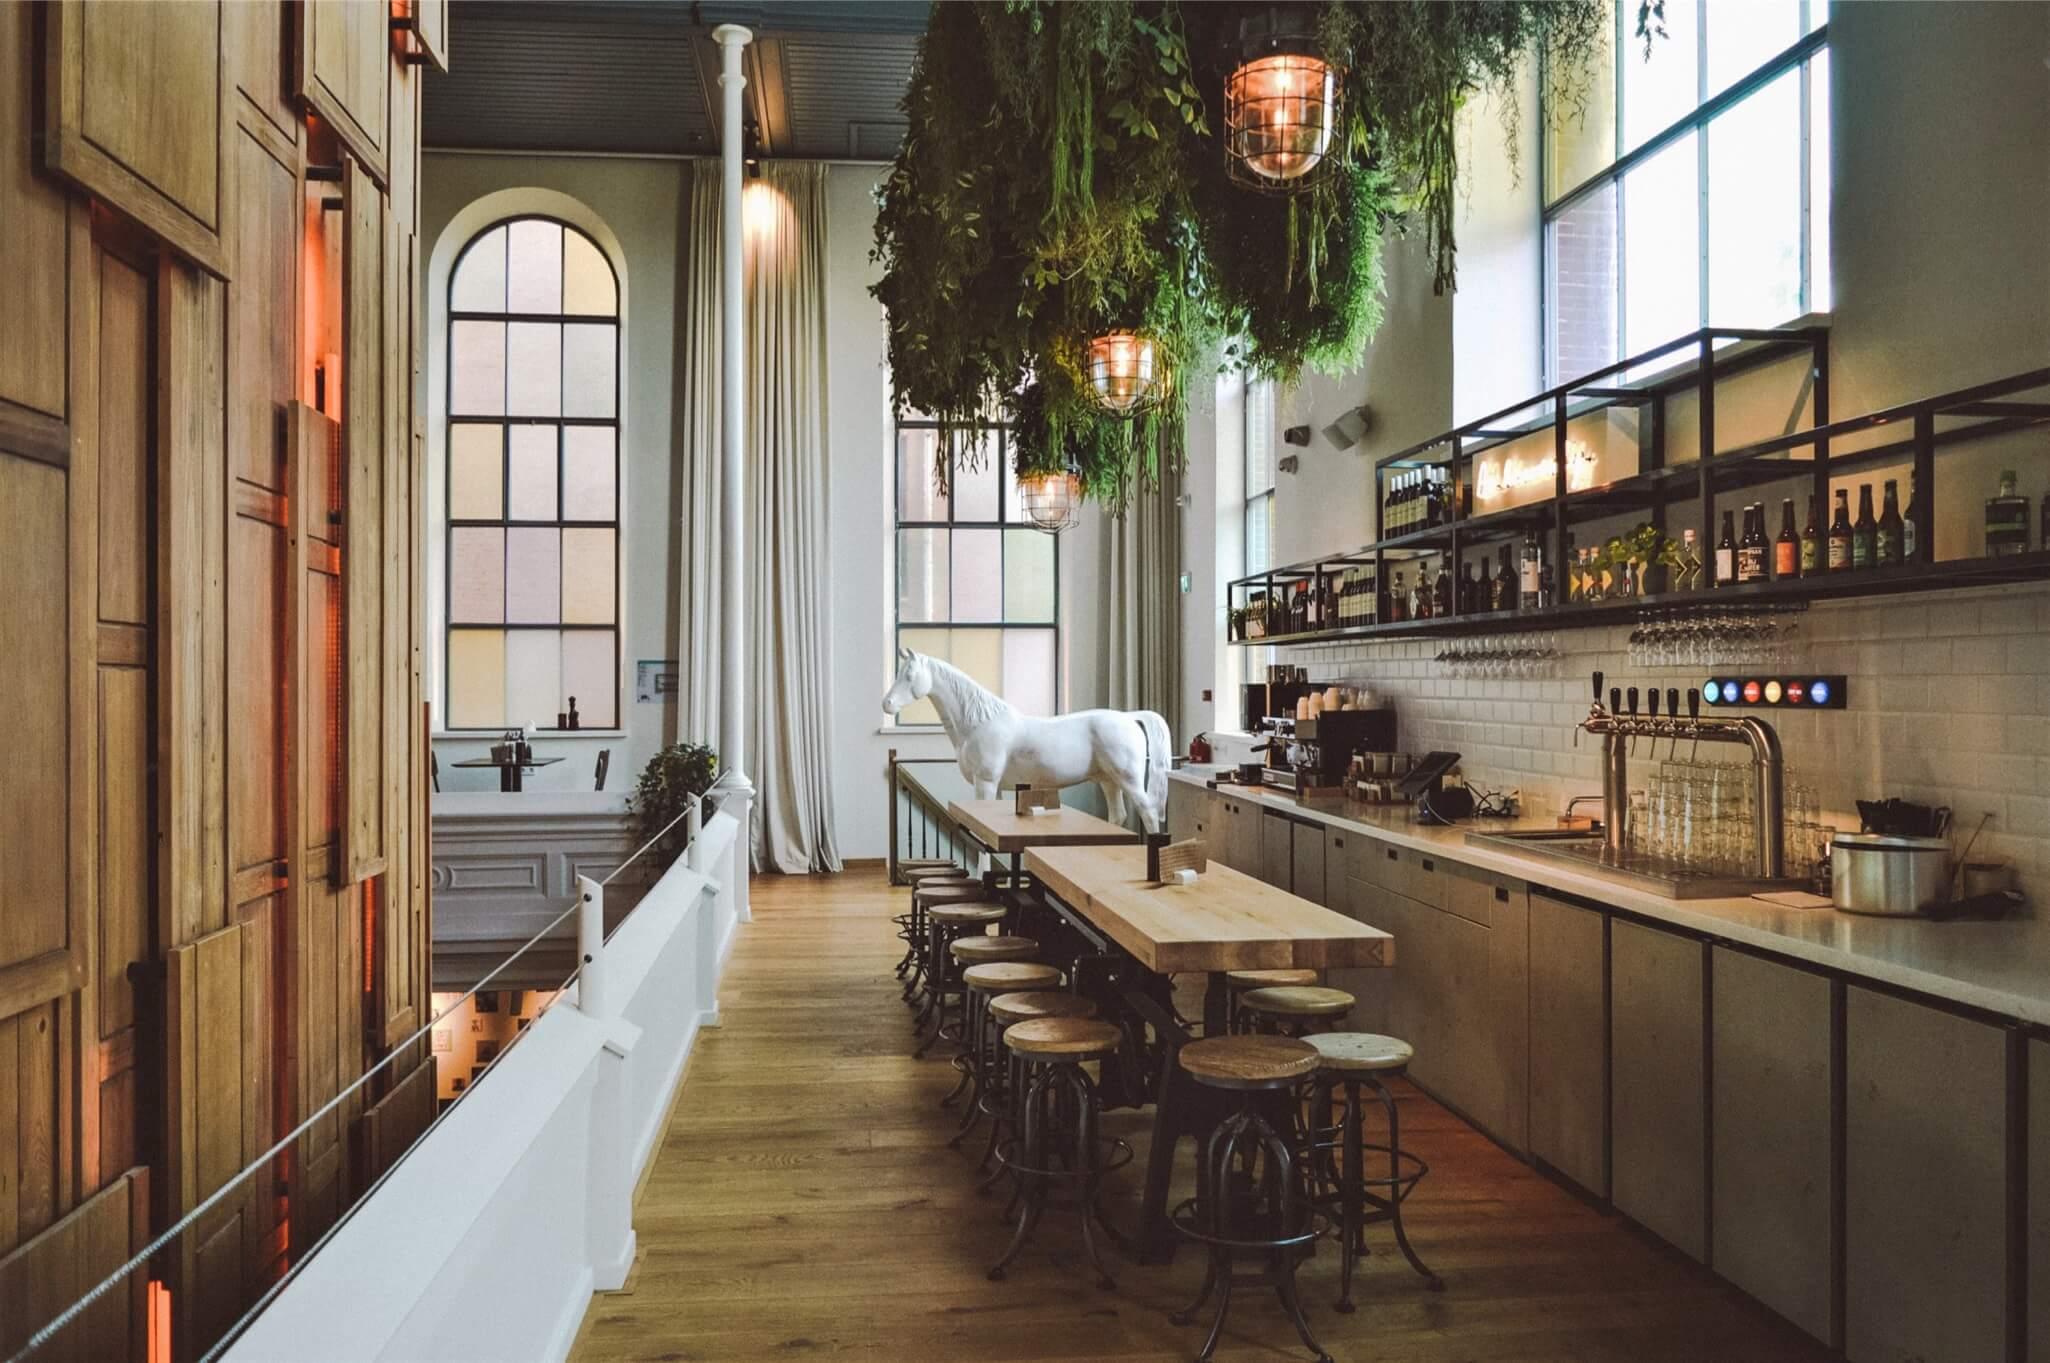 BUNK HOTEL UTRECHT: EAT, SLEEP, RAVE EN REPEAT IN DE WESTERKERK